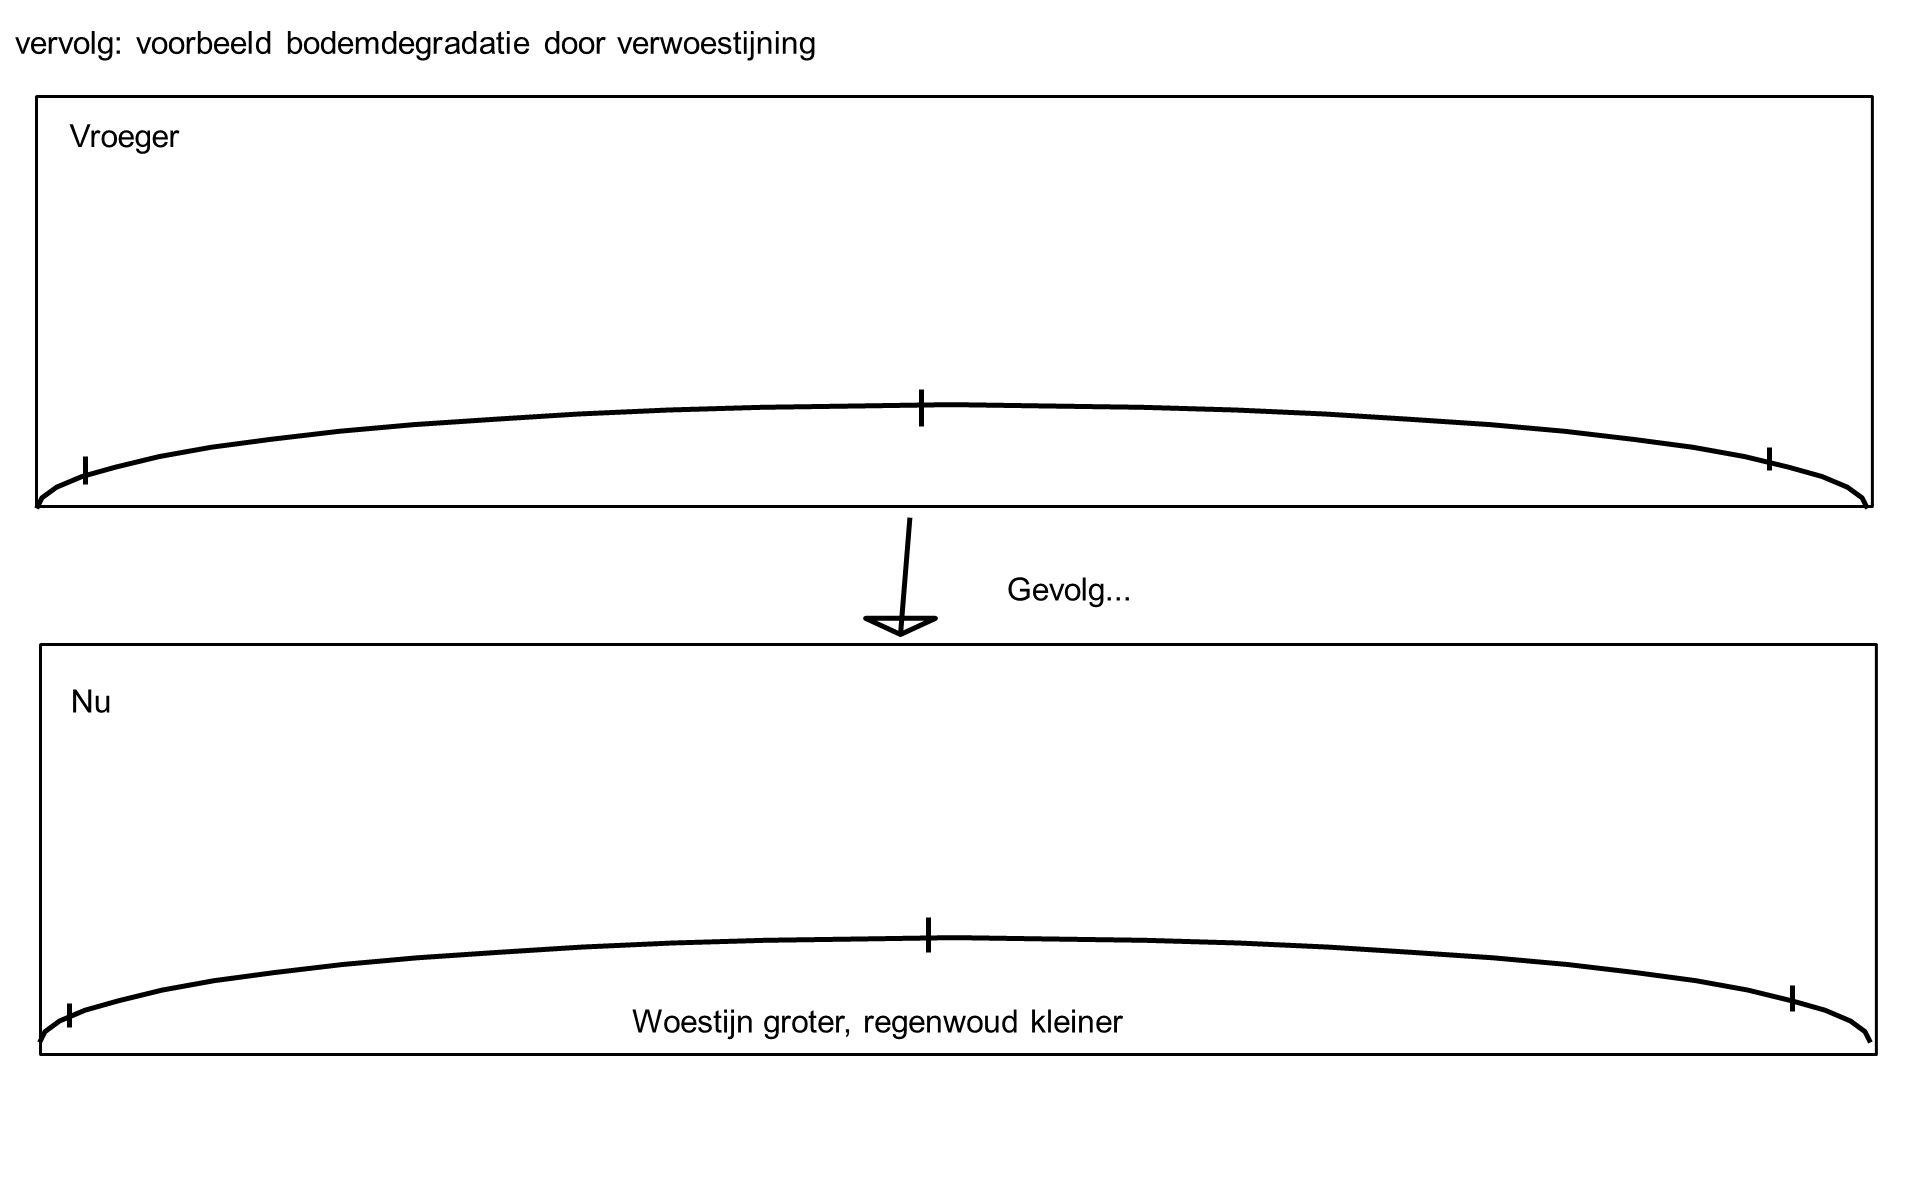 vervolg: voorbeeld bodemdegradatie door verwoestijning Gevolg... Vroeger Nu Woestijn groter, regenwoud kleiner